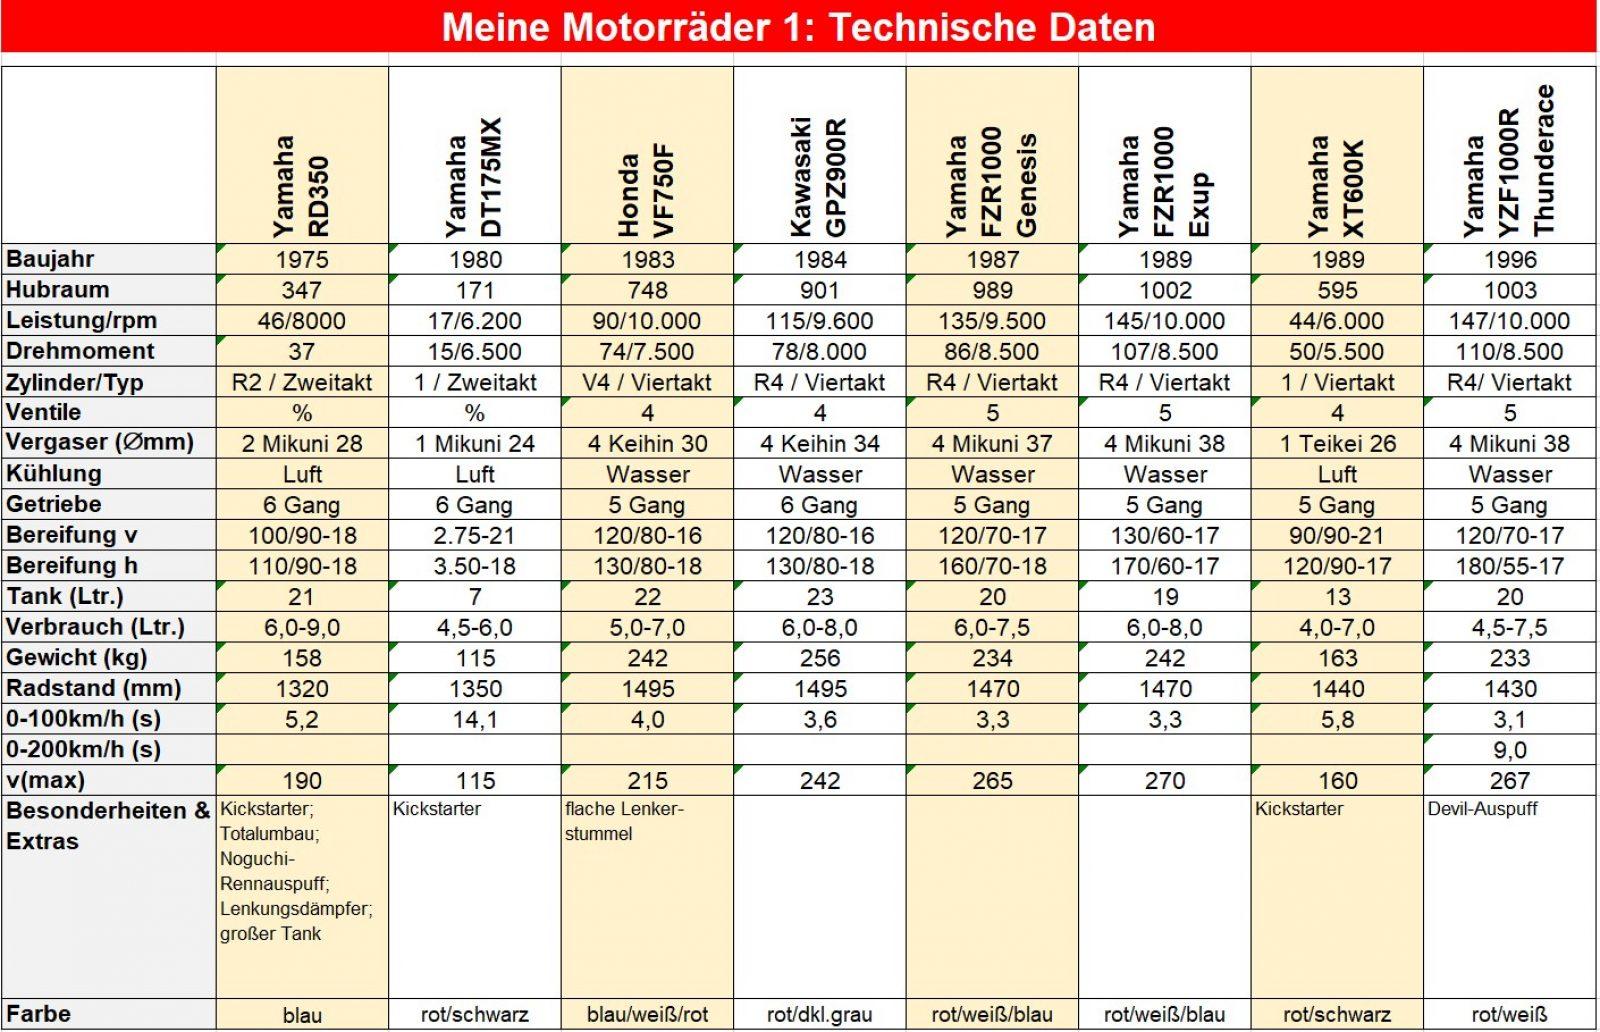 00 Technische Daten_S01